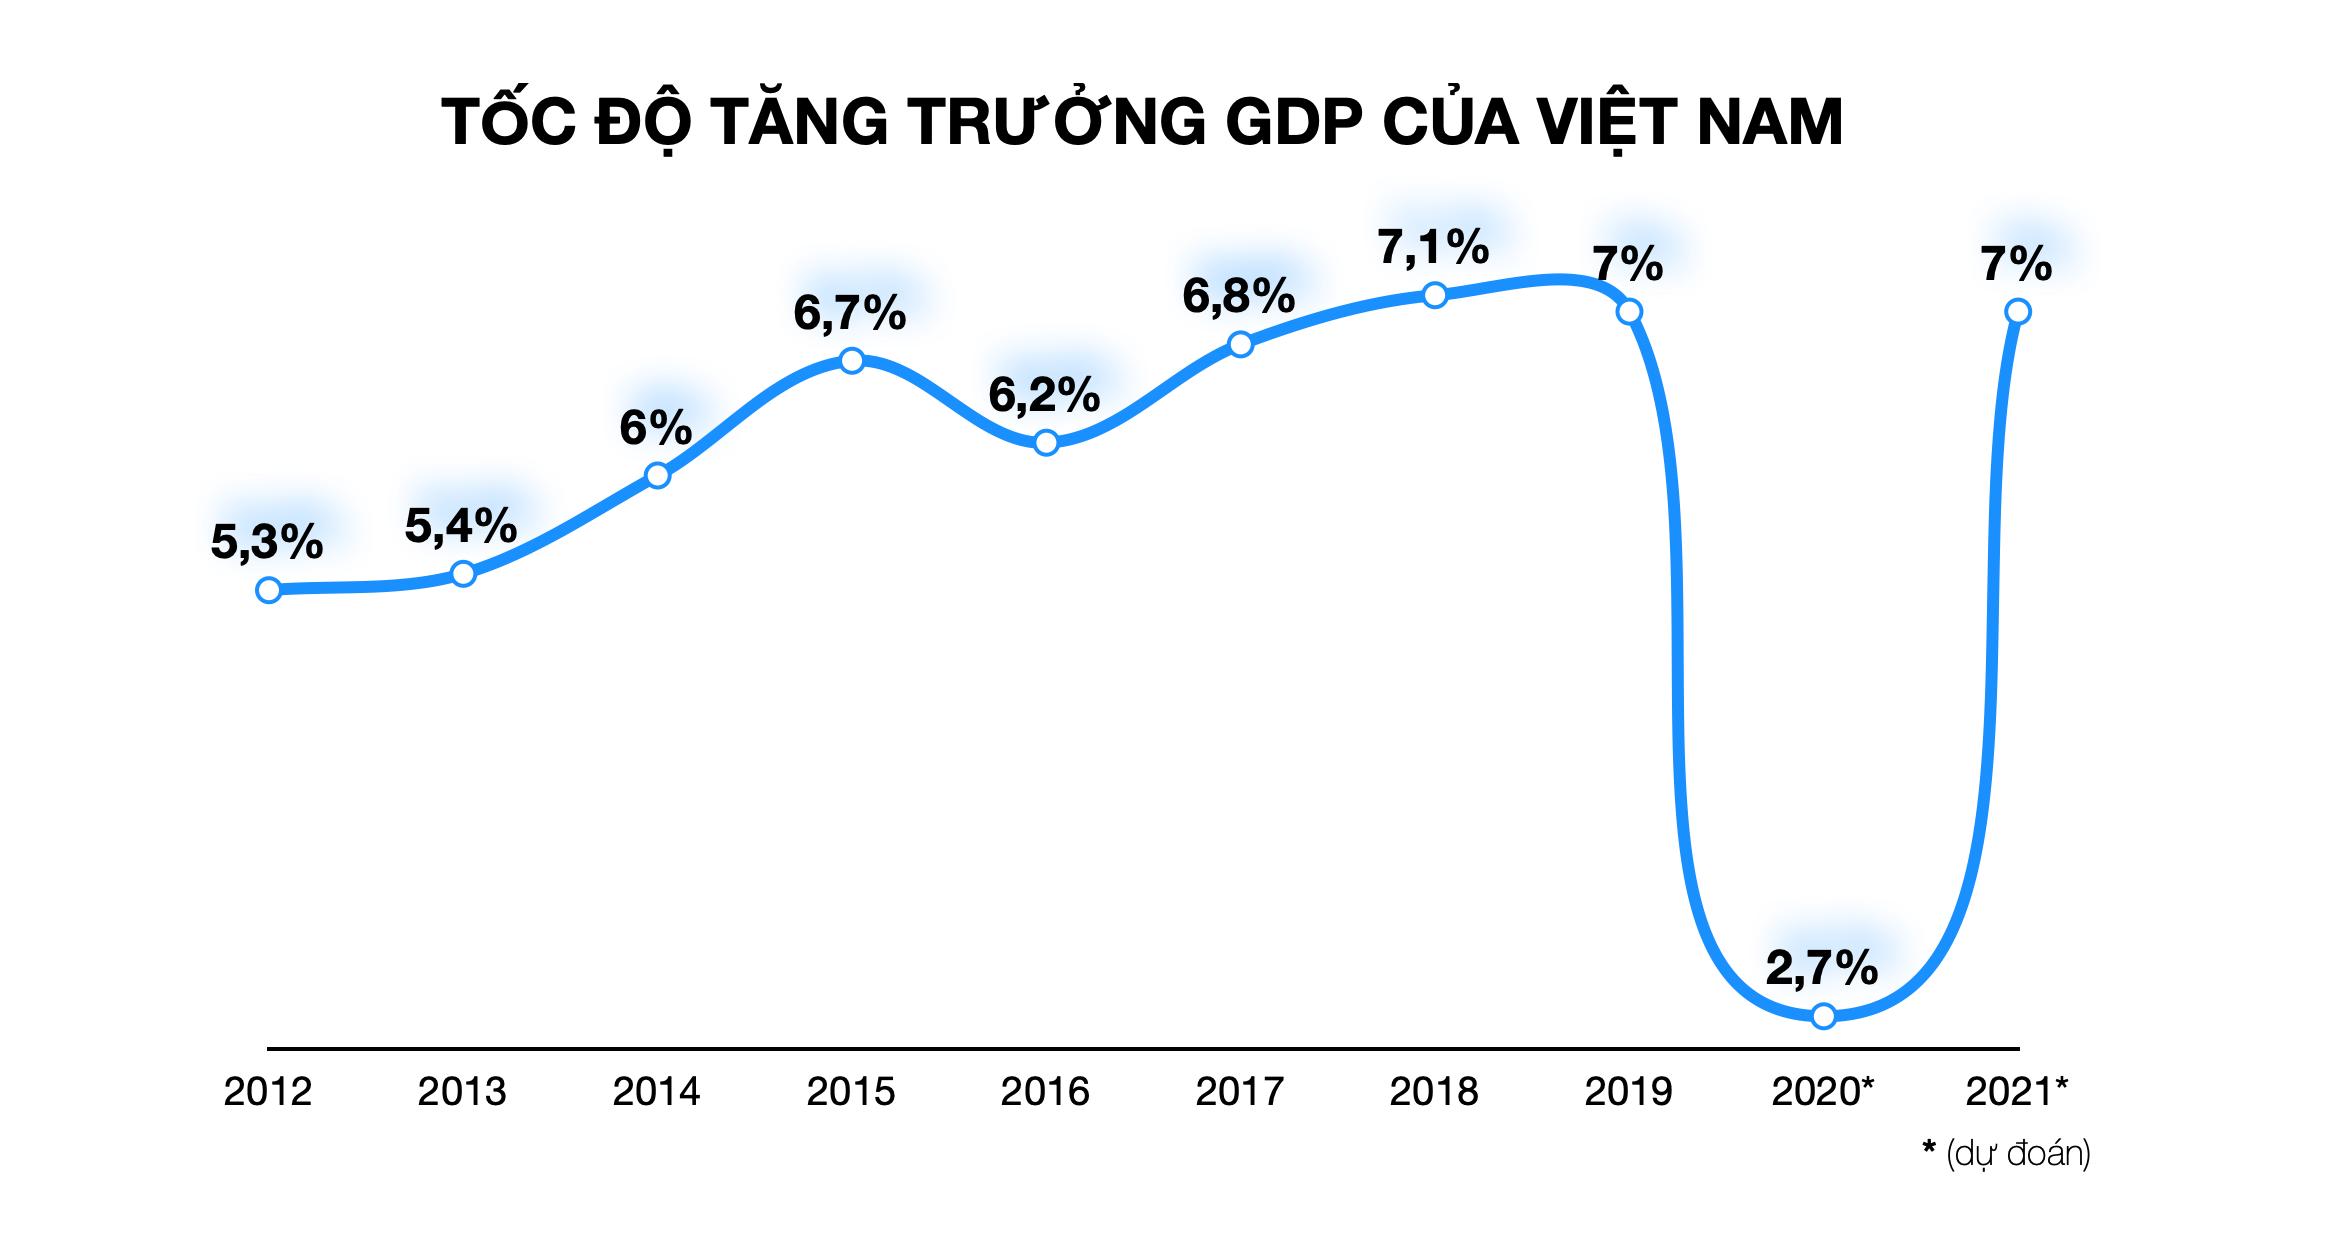 IMF: Kinh tế Việt Nam sẽ tăng 7% trong năm tới nhờ nền tảng vĩ mô tương đối mạnh - Ảnh 1.